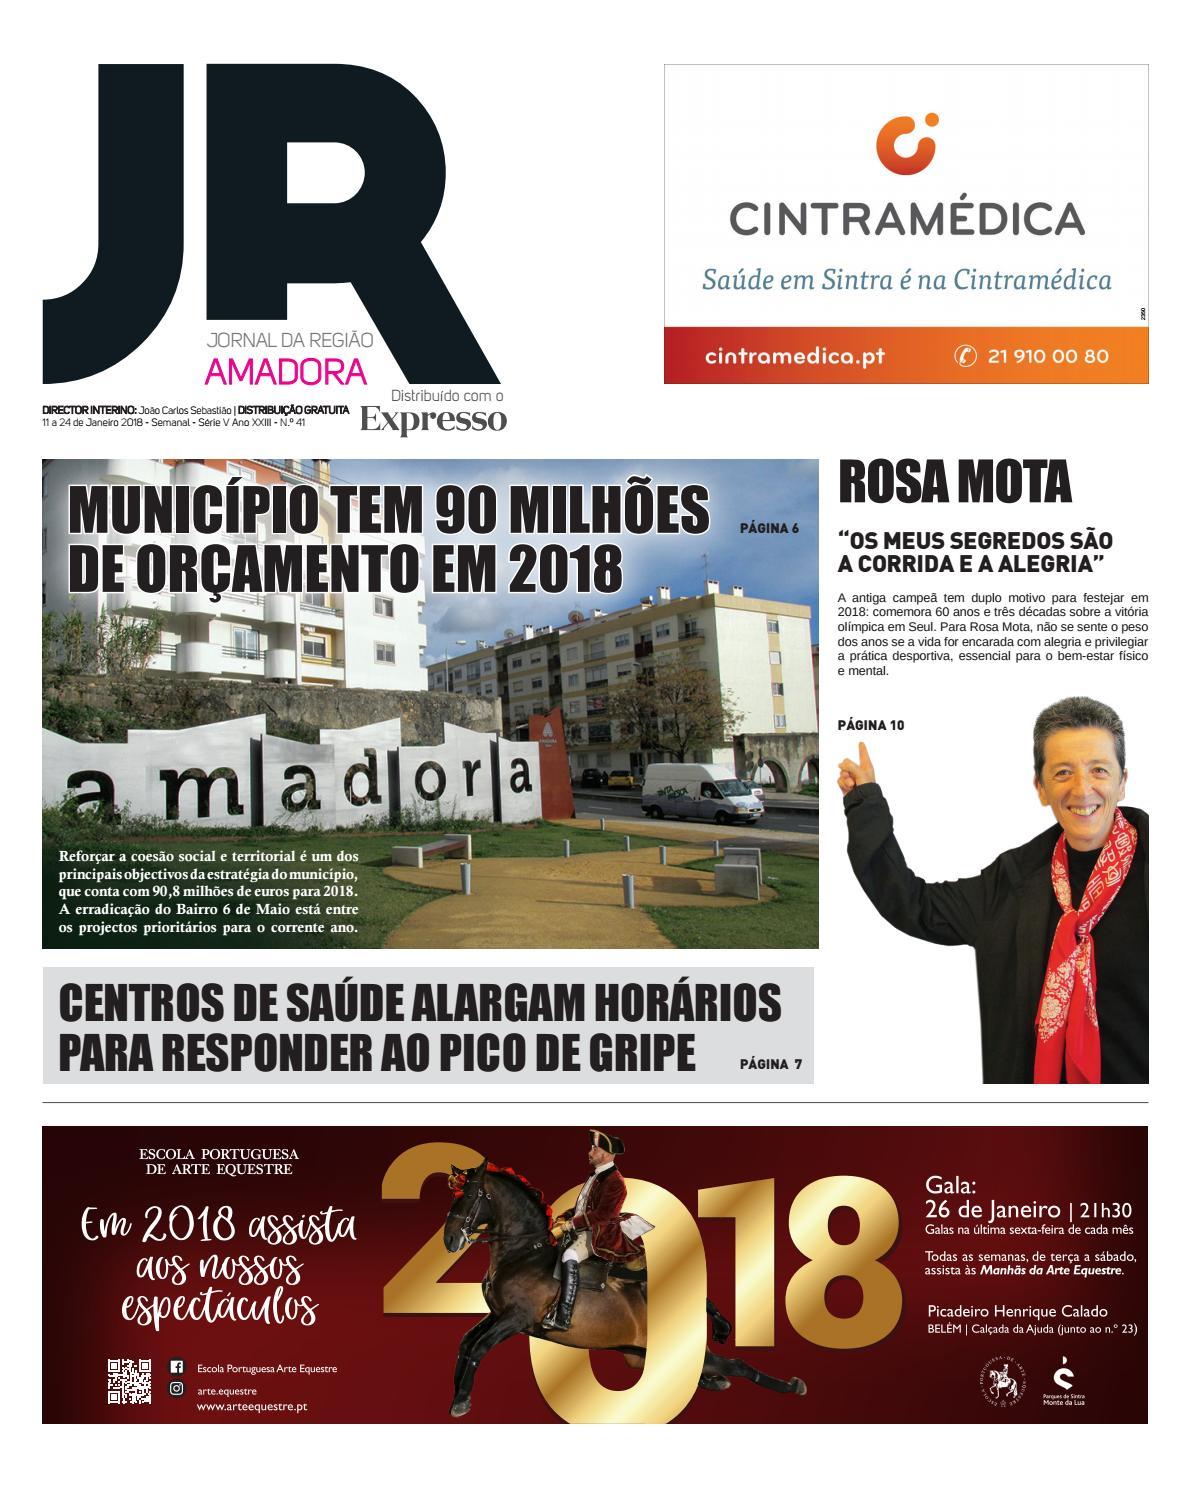 bb862b3ef Jornal da Região da Amadora 41 de 11 a 24 de Janeiro de 2018 by Jornal da  Região - issuu